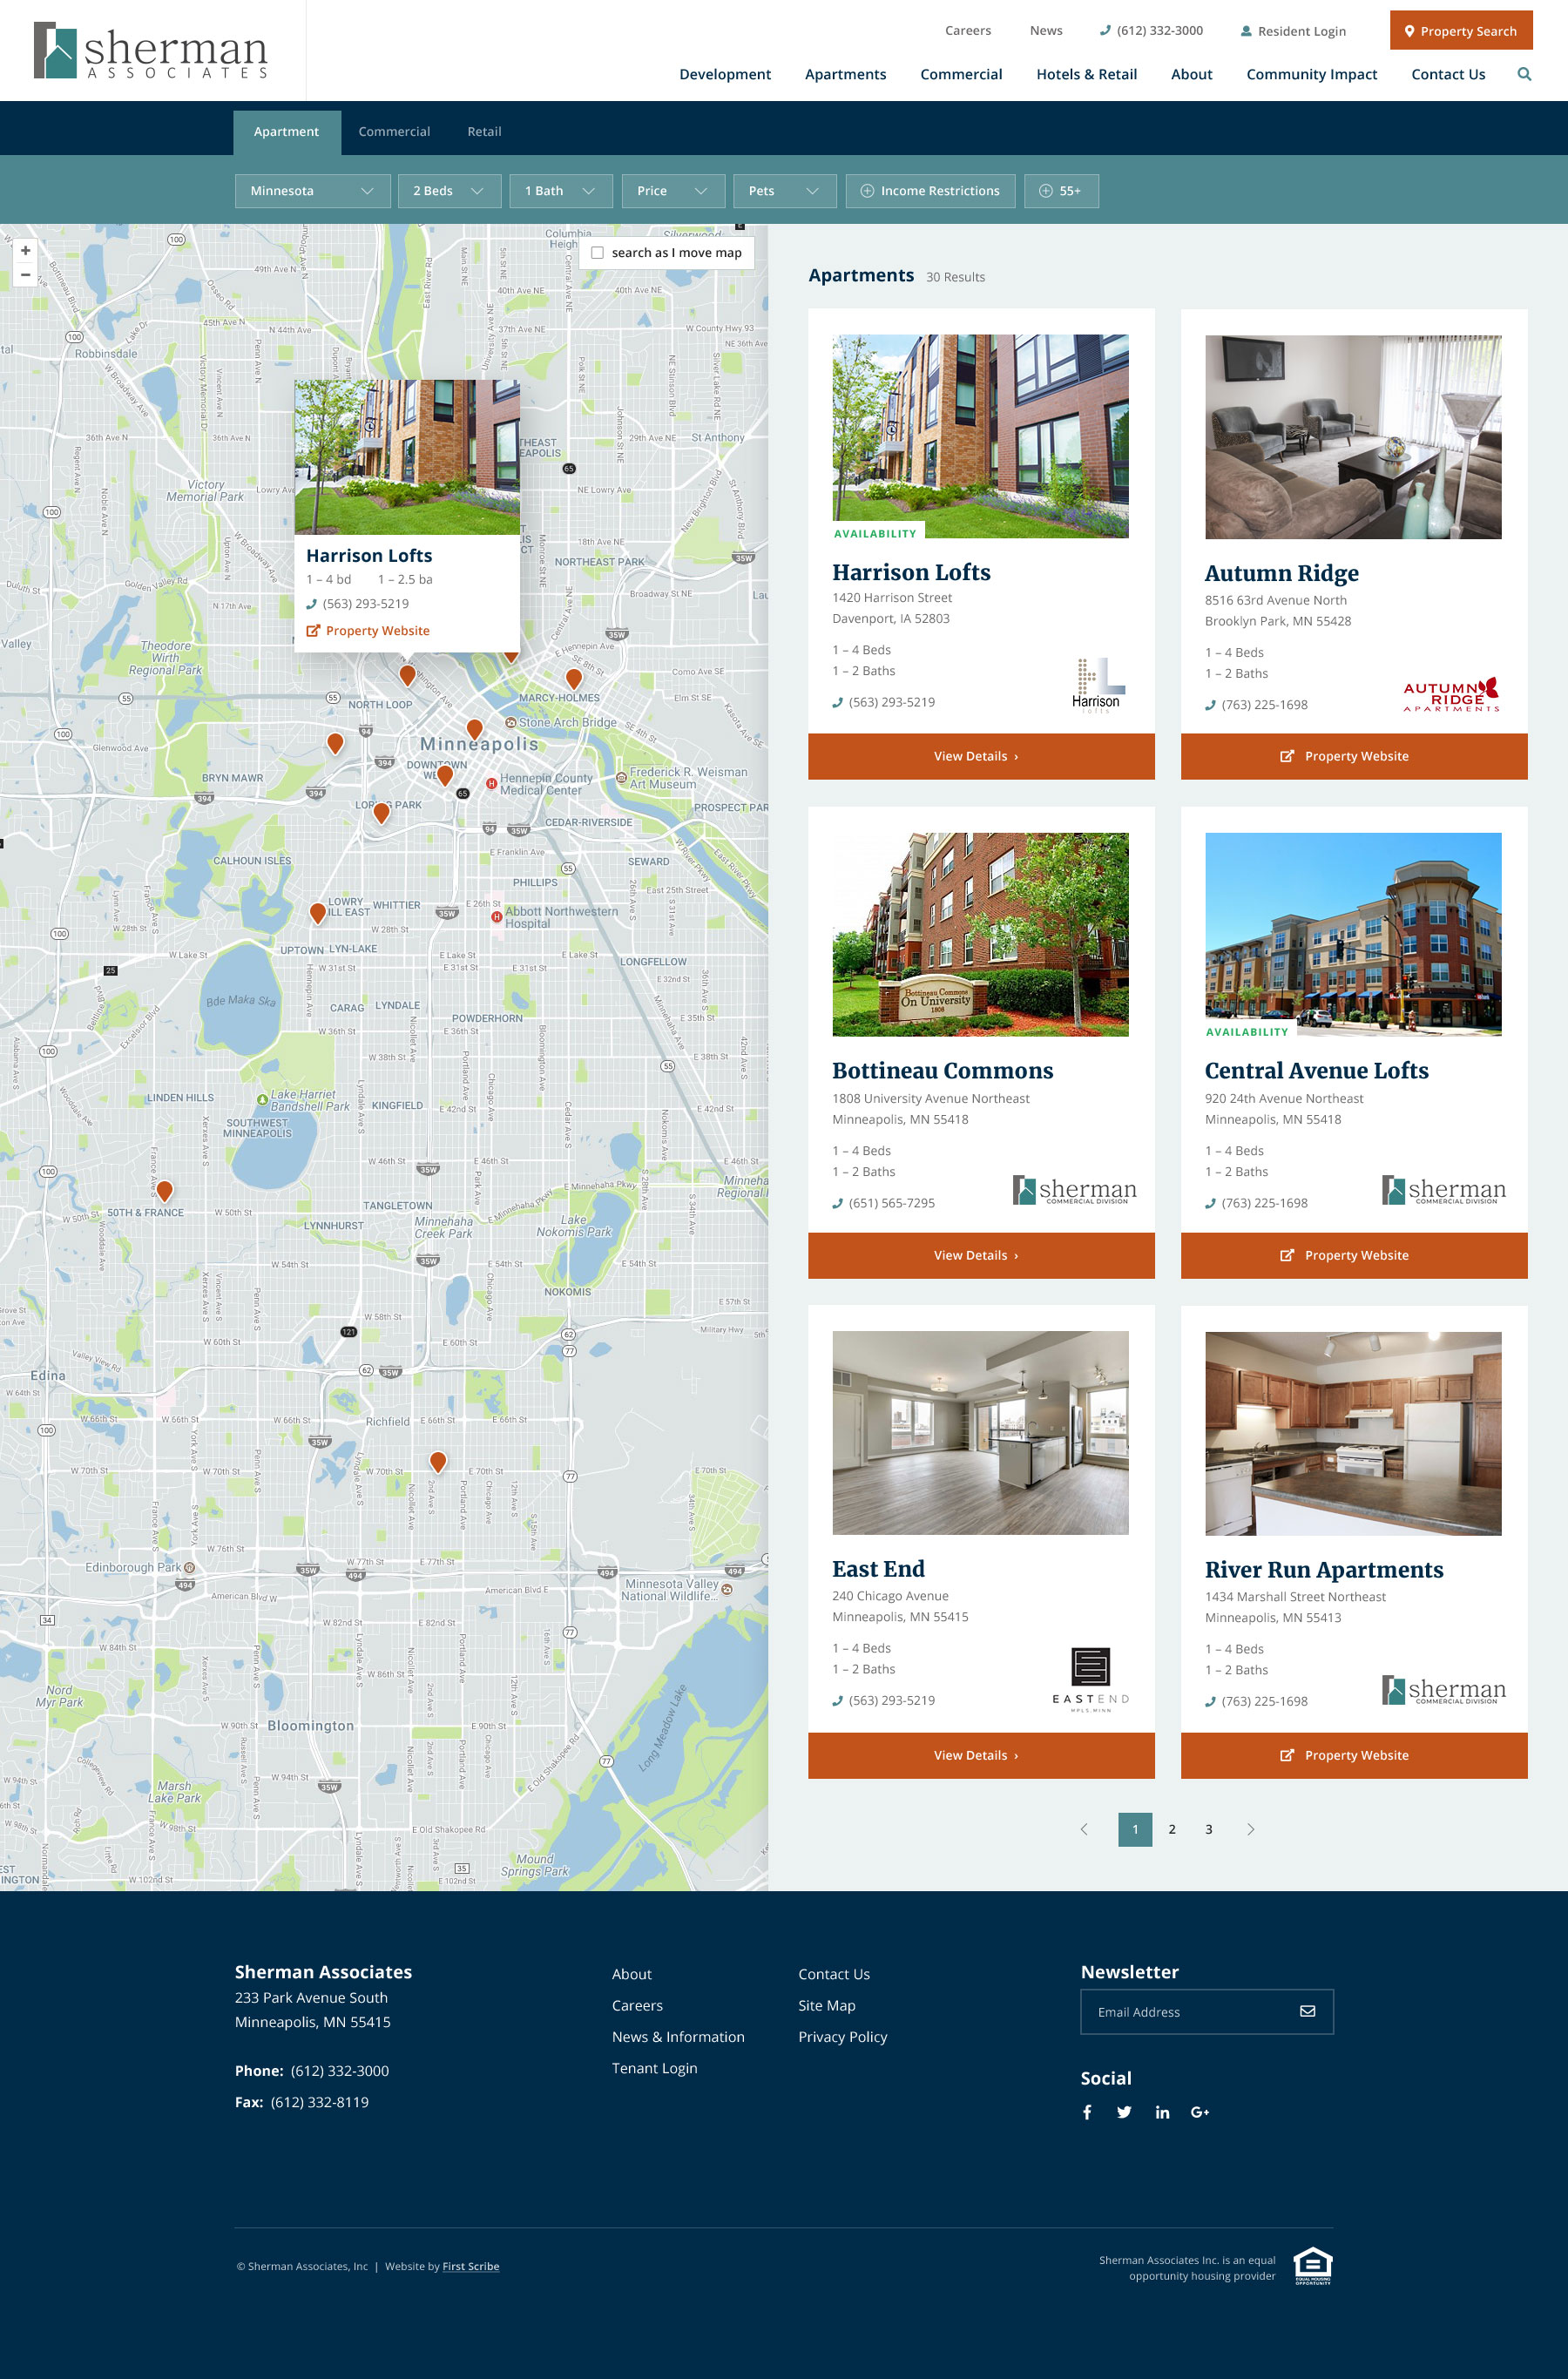 sherman-apartments-search